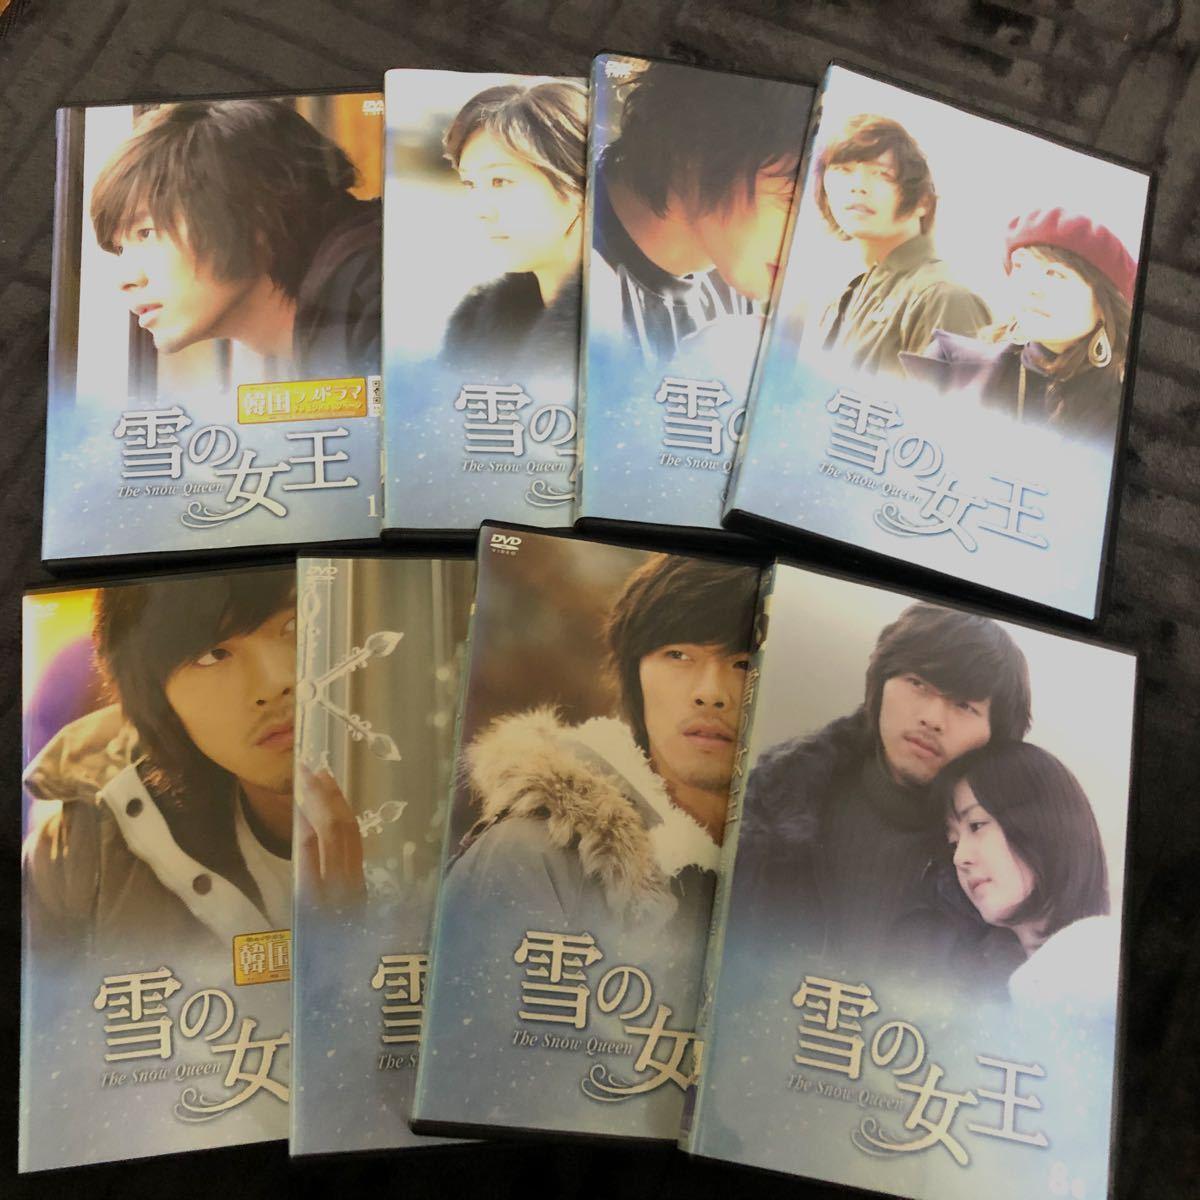 ヒョンビン 雪の女王 DVD 全8巻